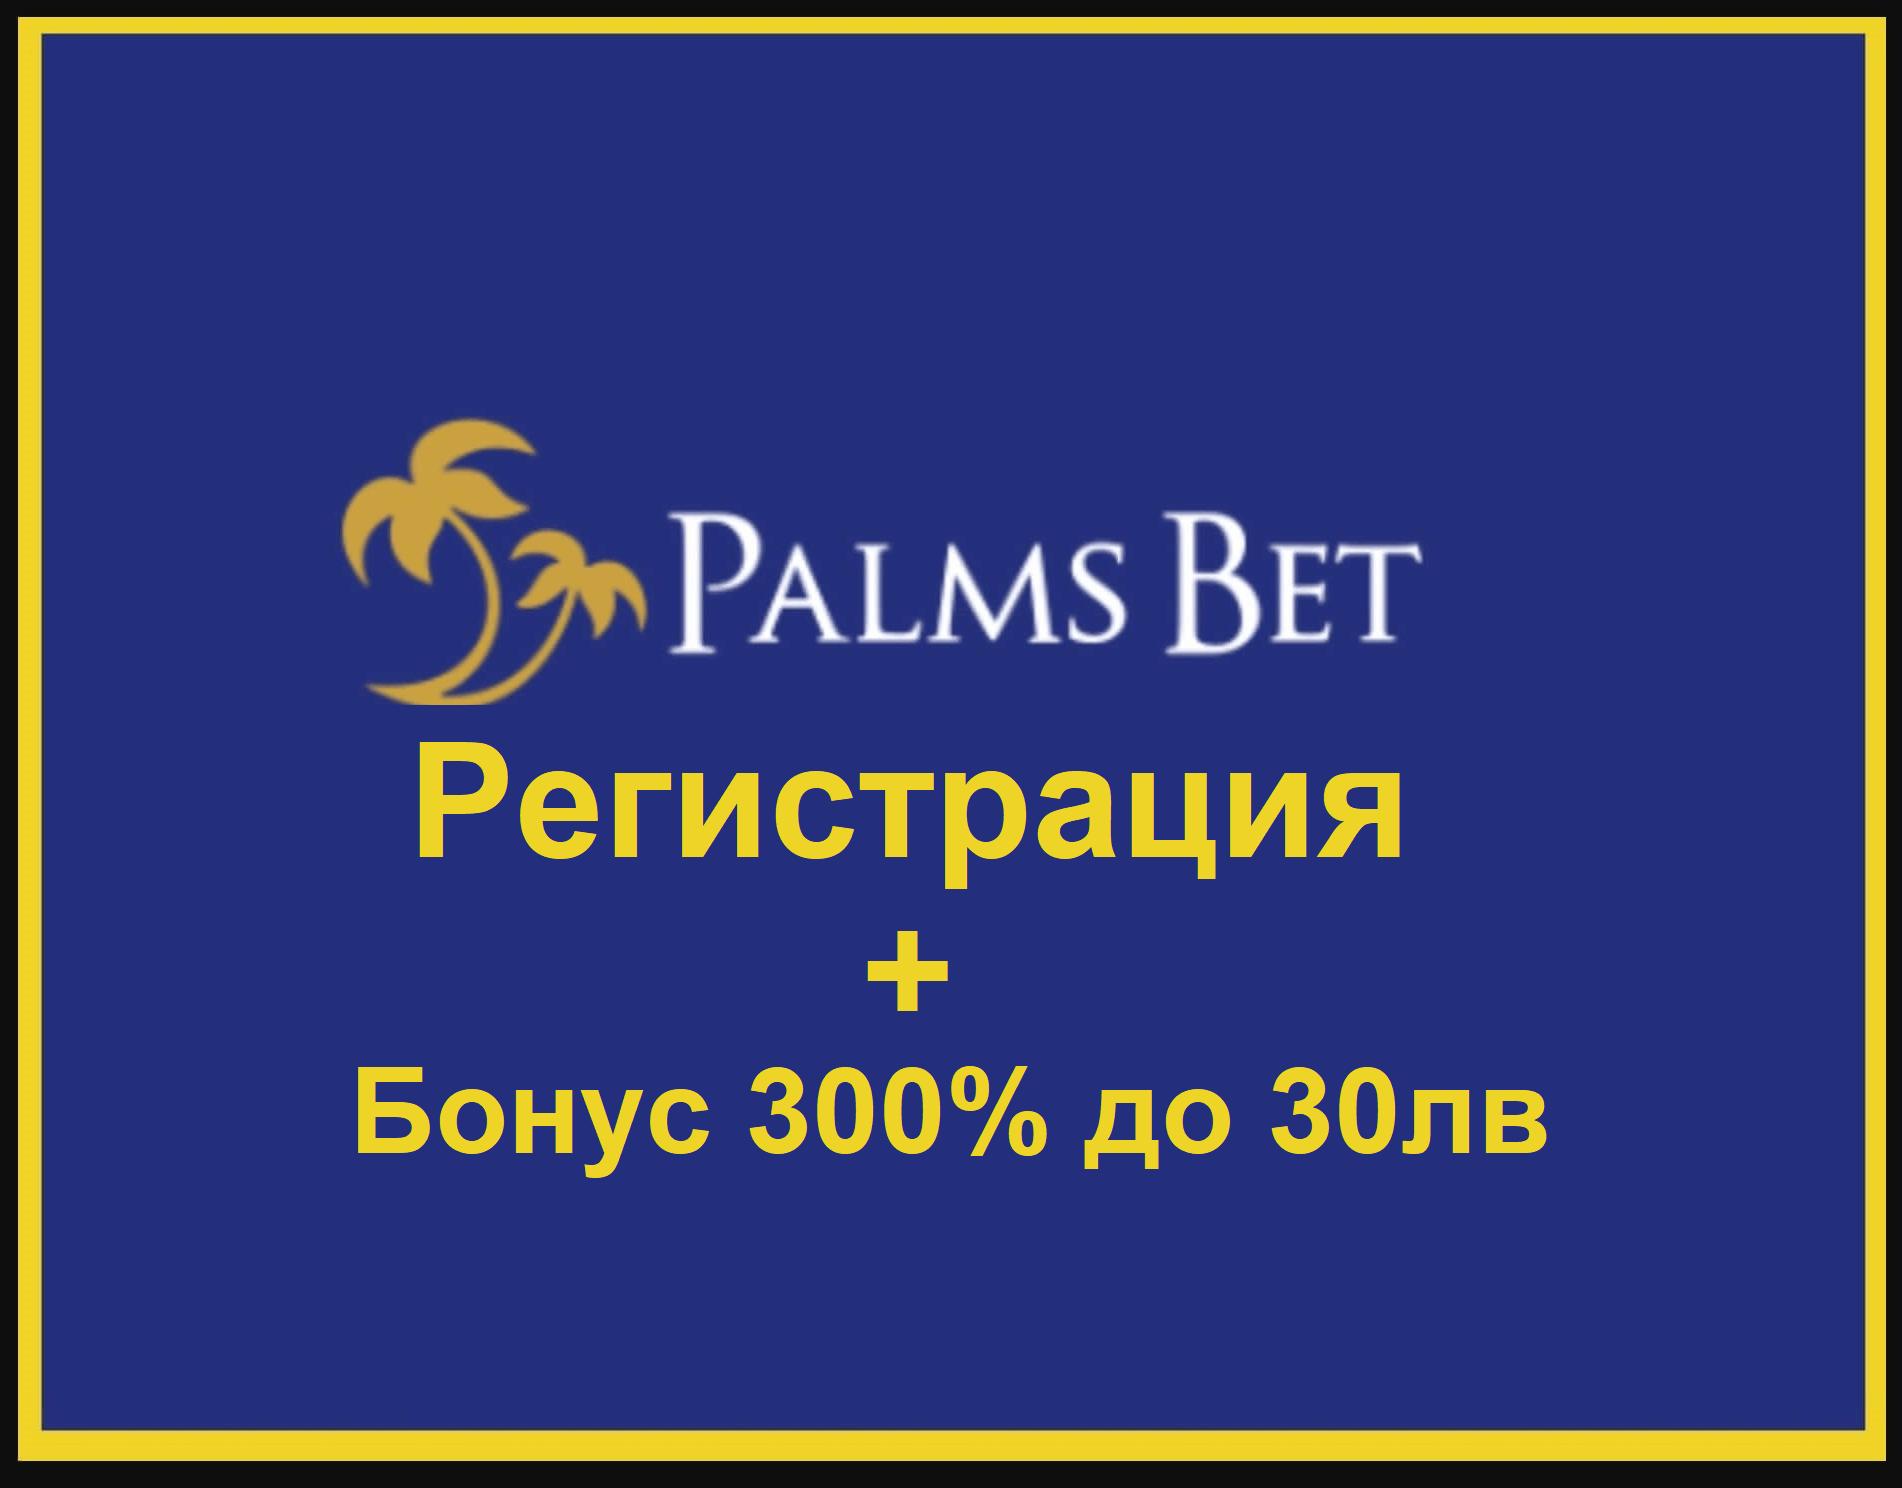 Палмс Бет Регистрация